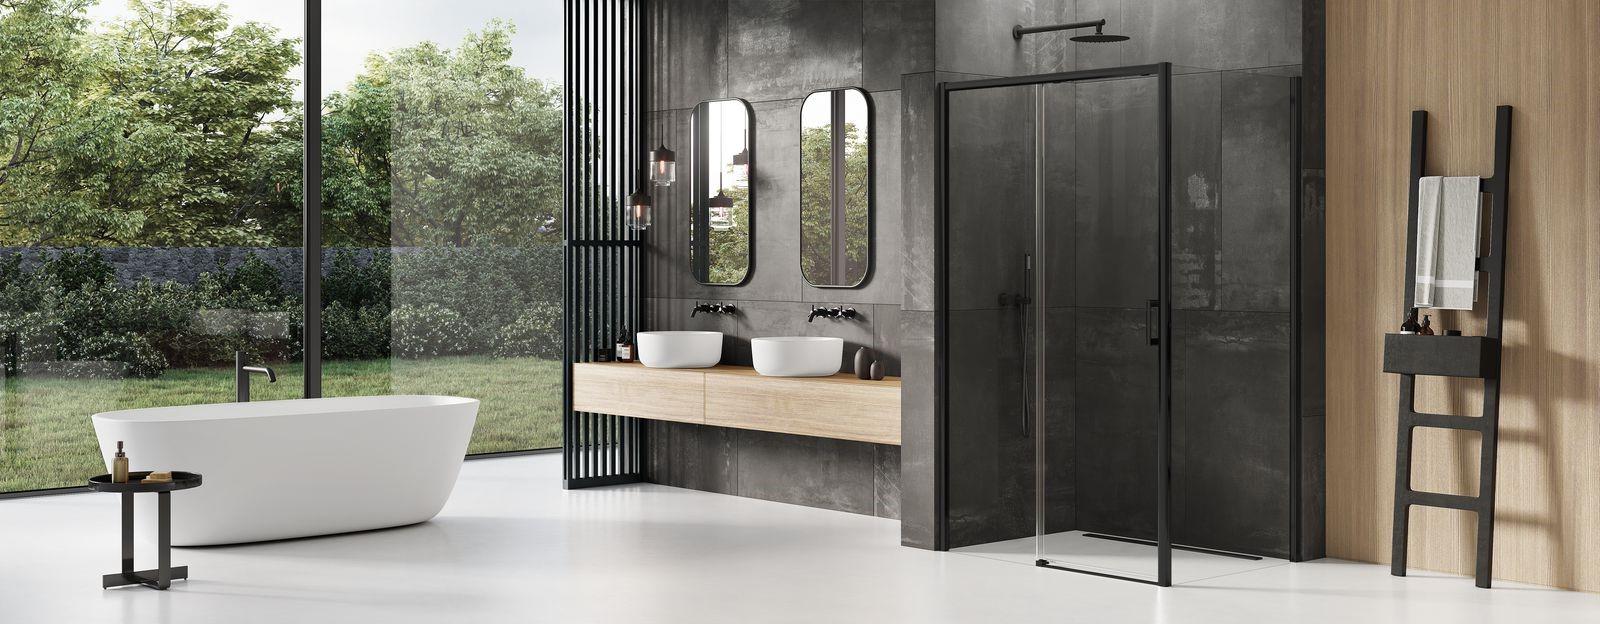 Ekskluzywna kabina pryszniocowa z czarnym wykończeniem